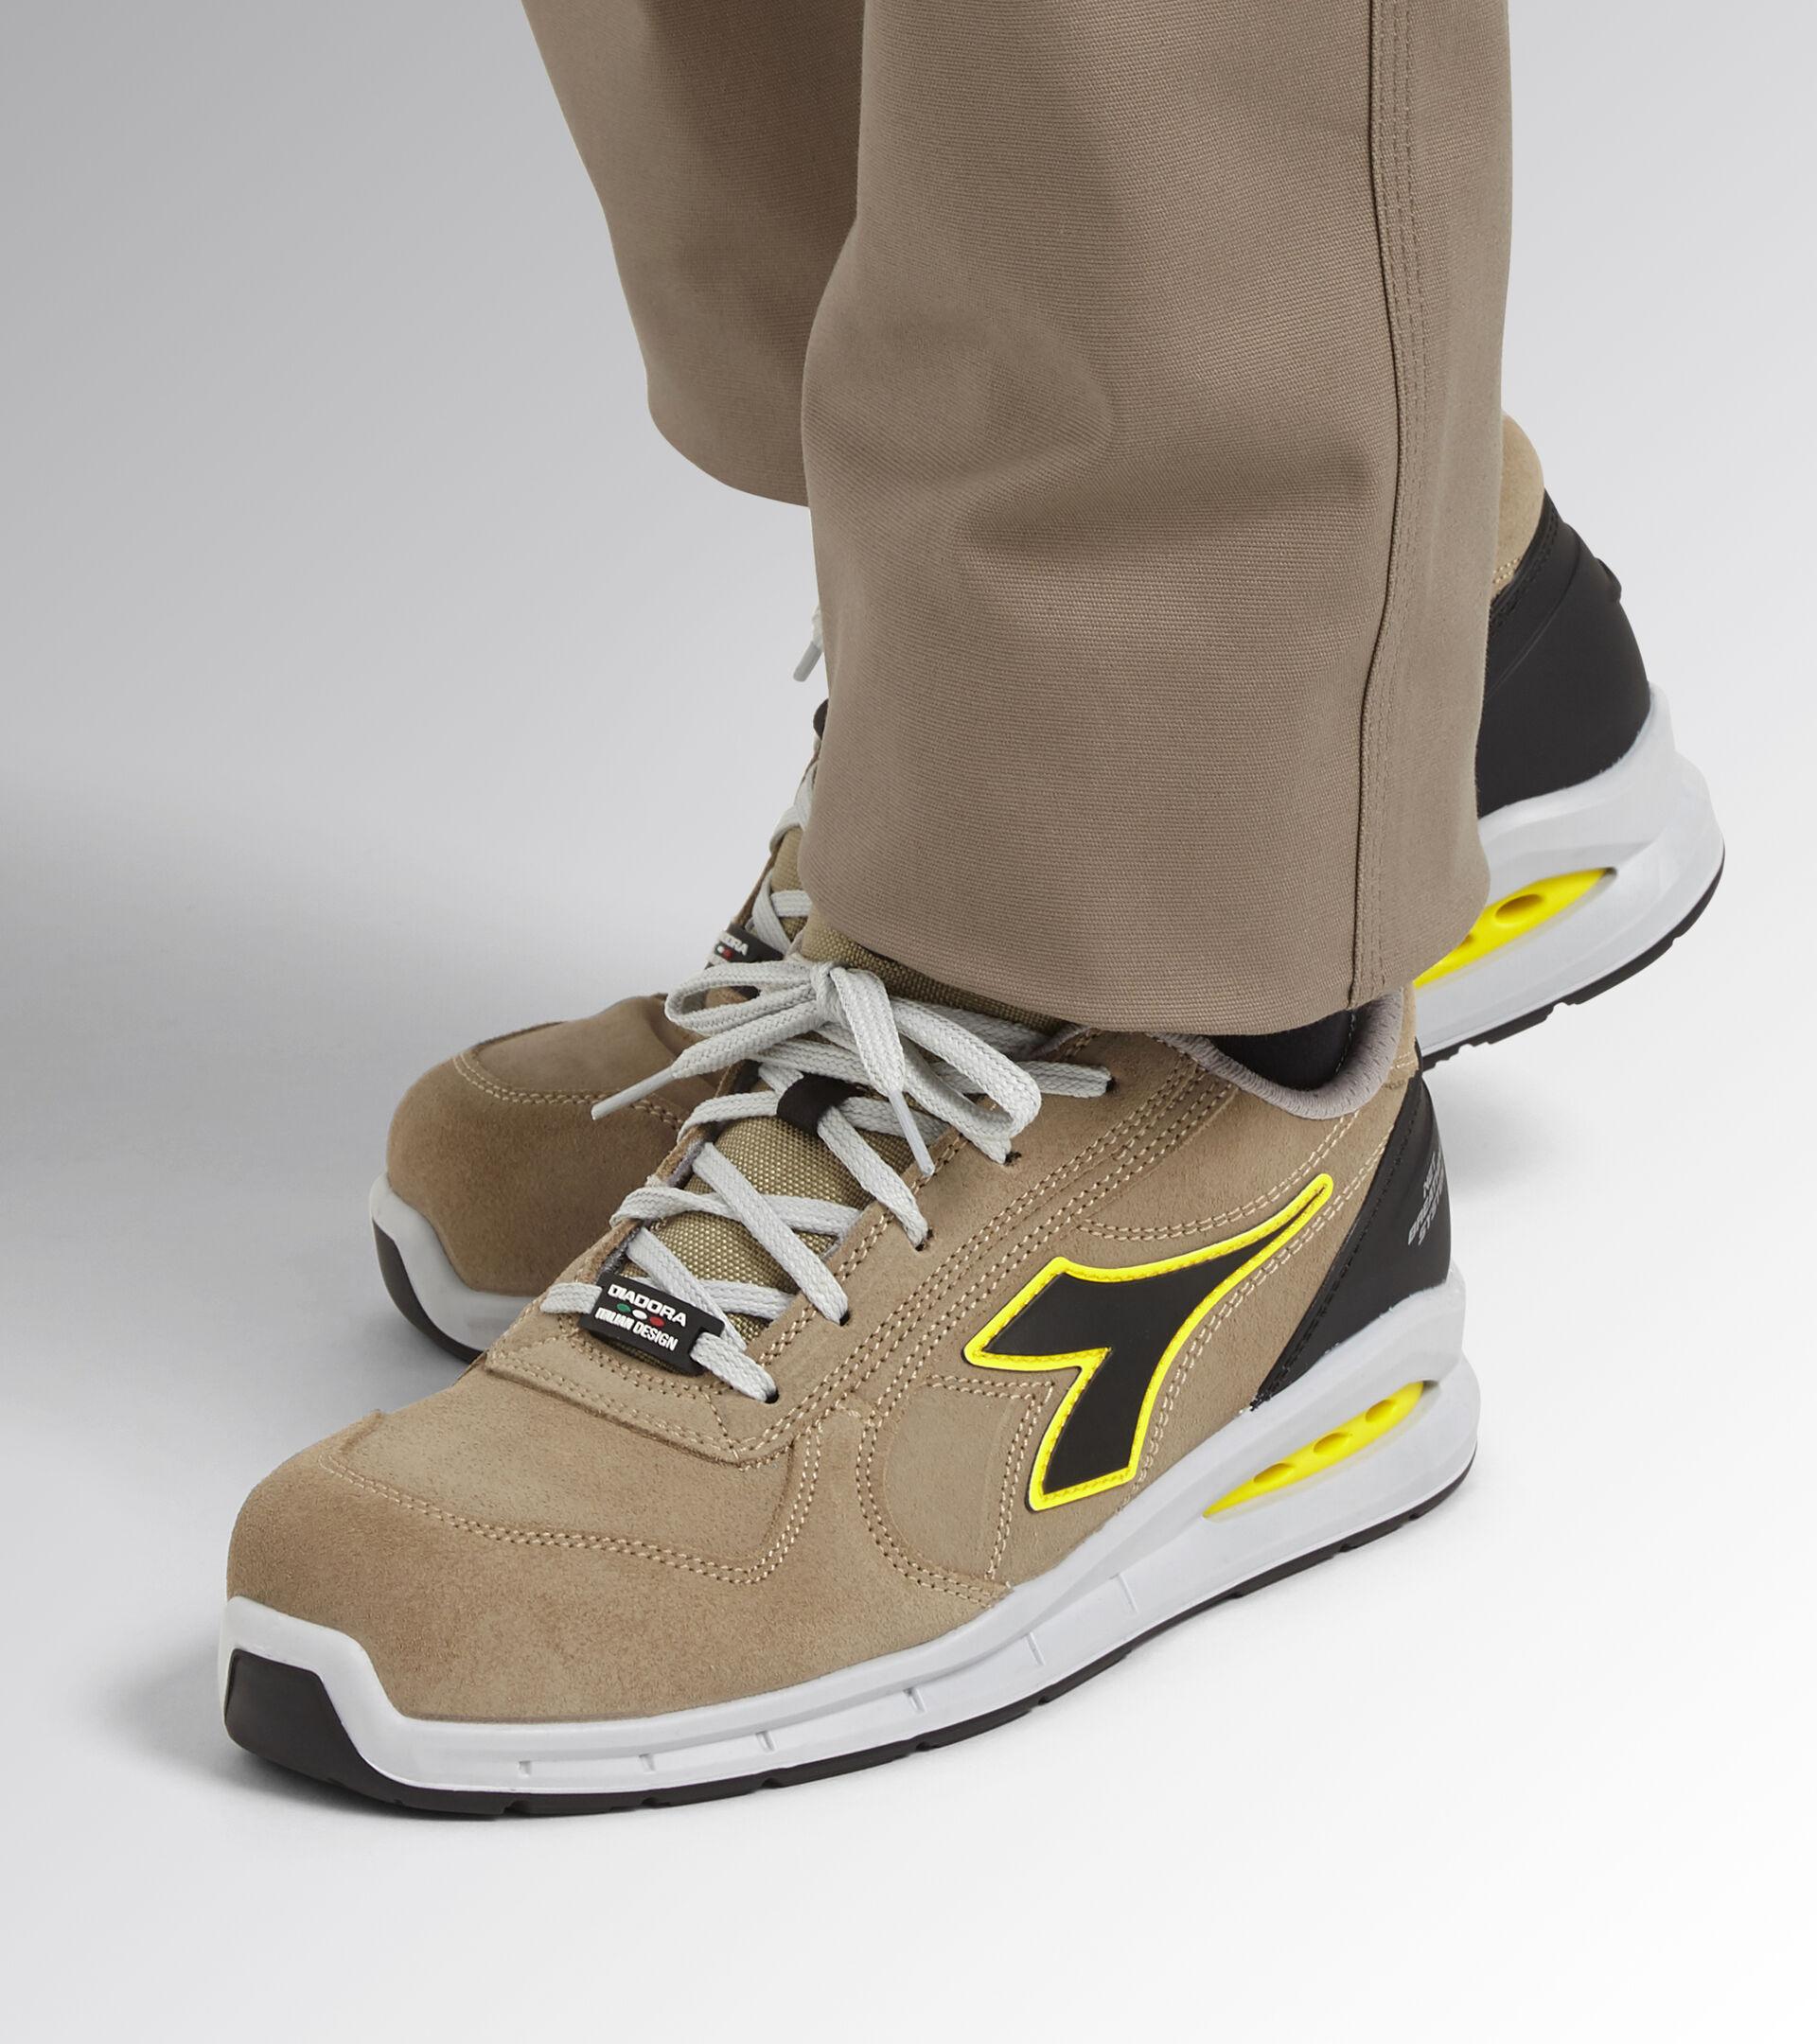 Footwear Utility UNISEX RUN NET AIRBOX LOW S3 SRC MOON ROCK GRAY/MOON ROCK GRAY Utility